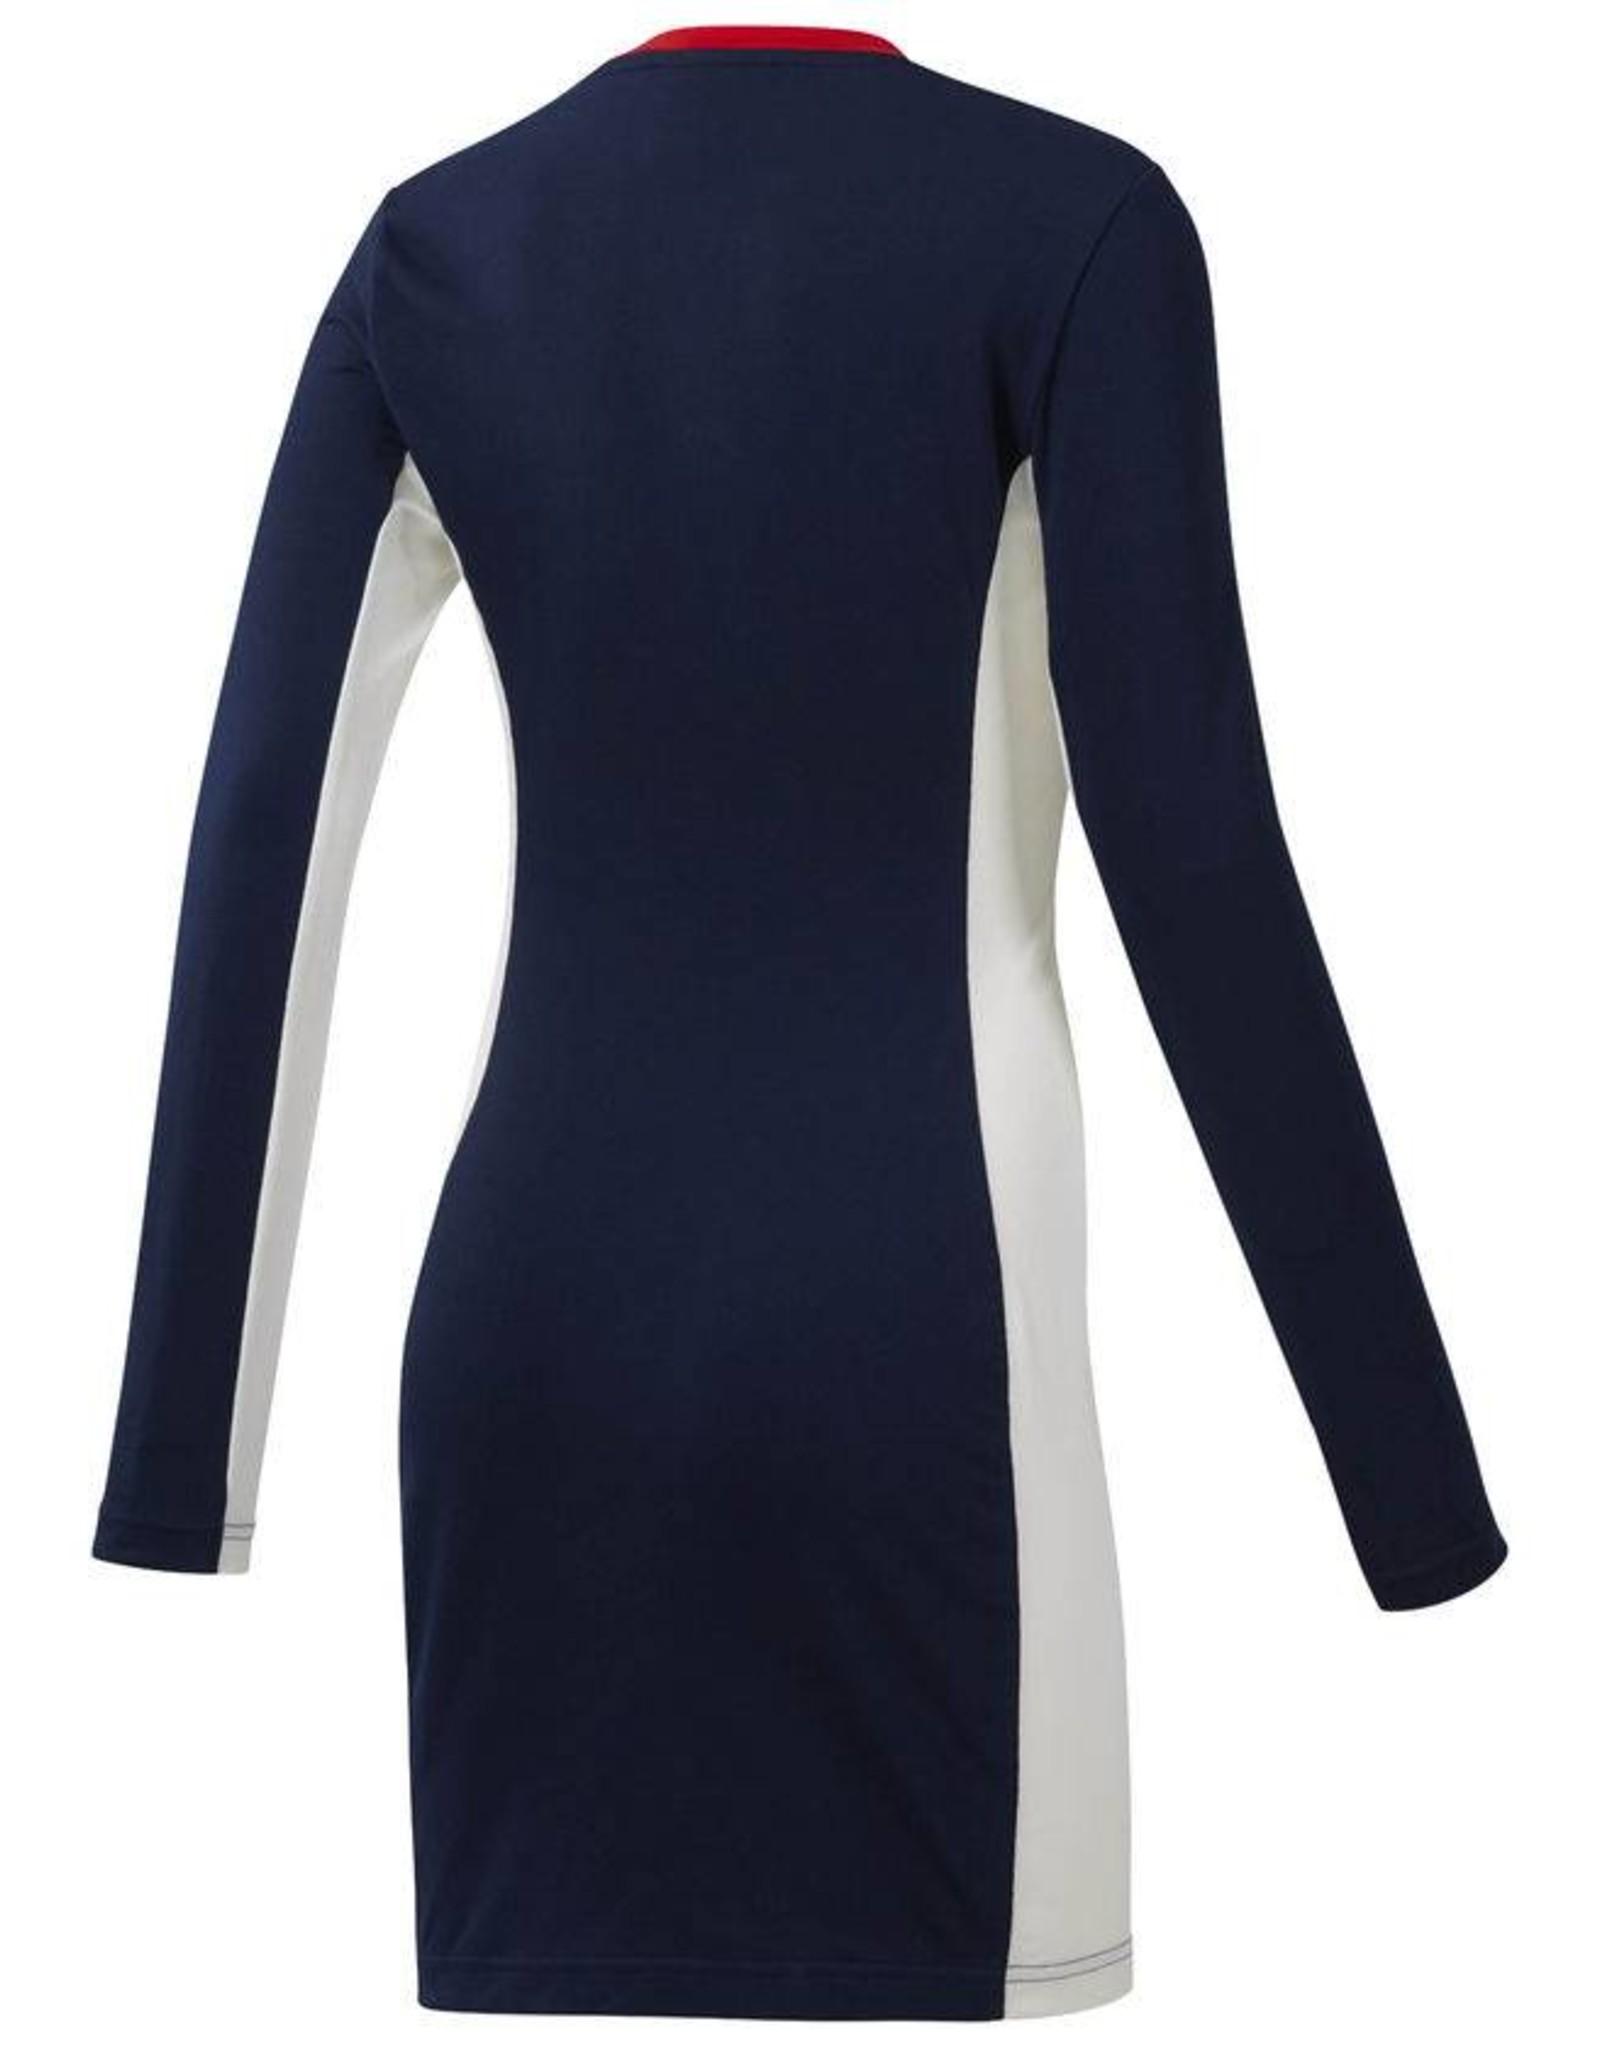 REEBOK CLASSICS DRESS BLUE